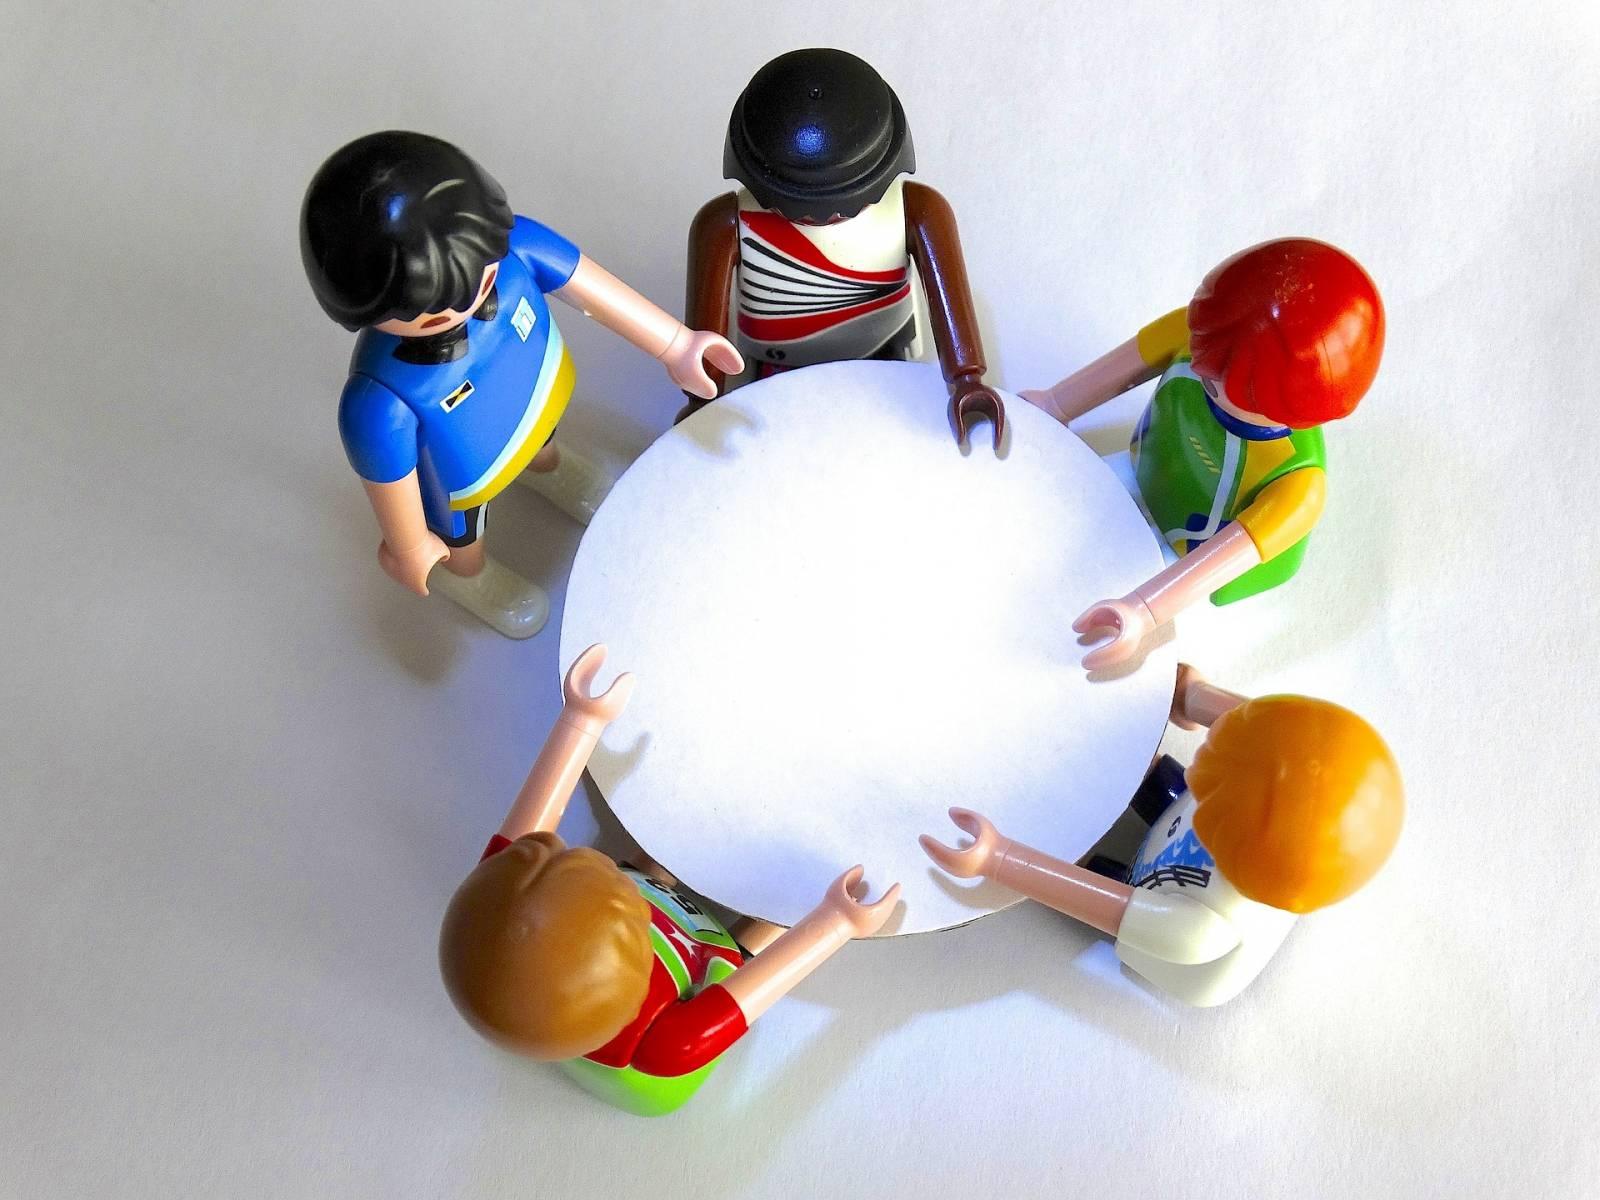 Playmobil-hahmot pöydän ympärillä